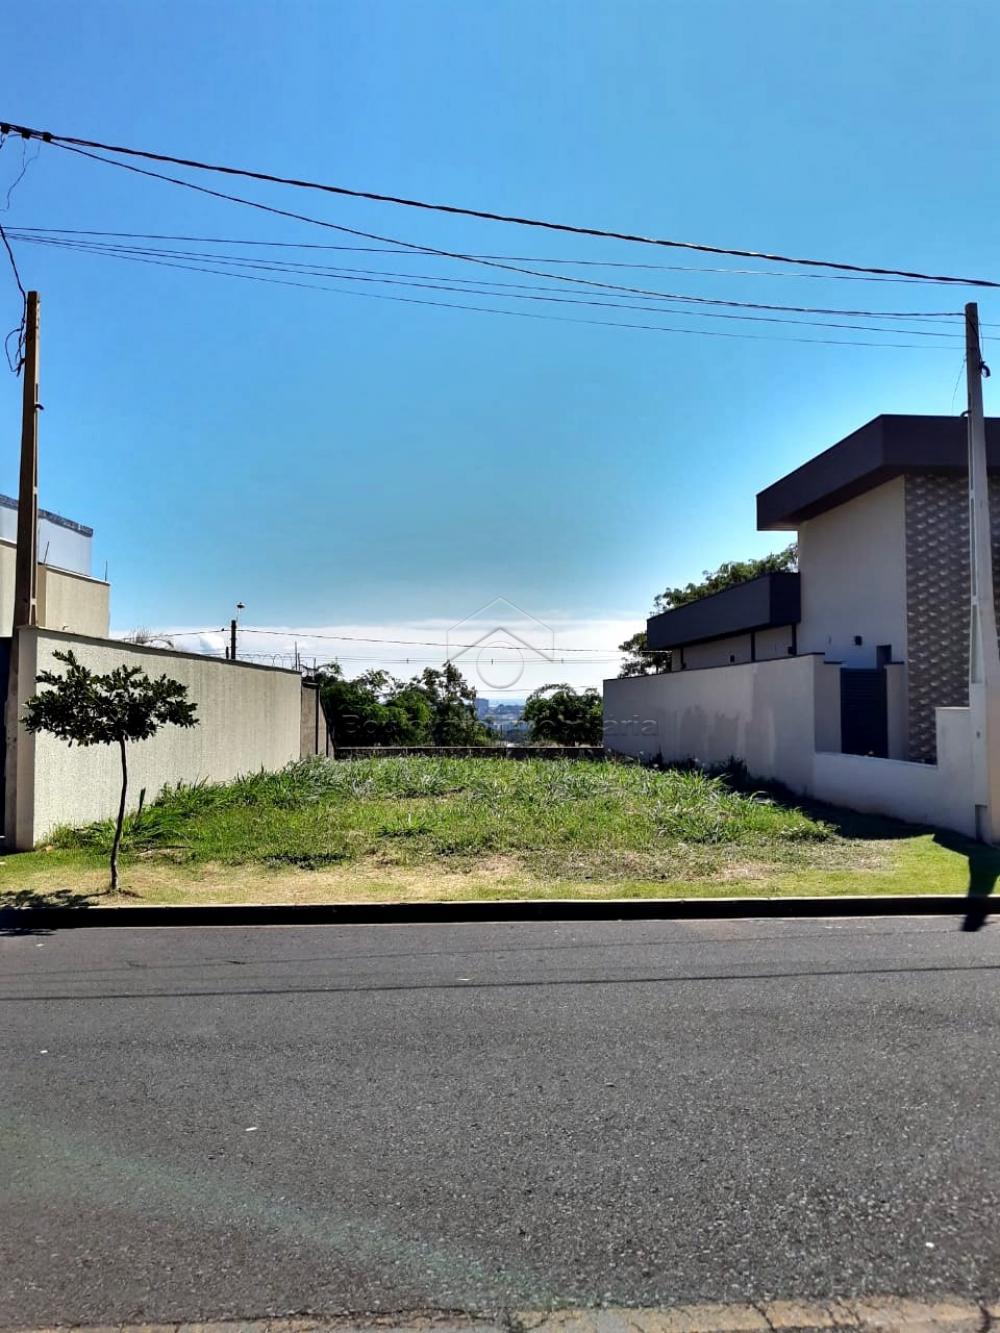 Comprar Terreno / Condomínio em Ribeirão Preto R$ 225.000,00 - Foto 1